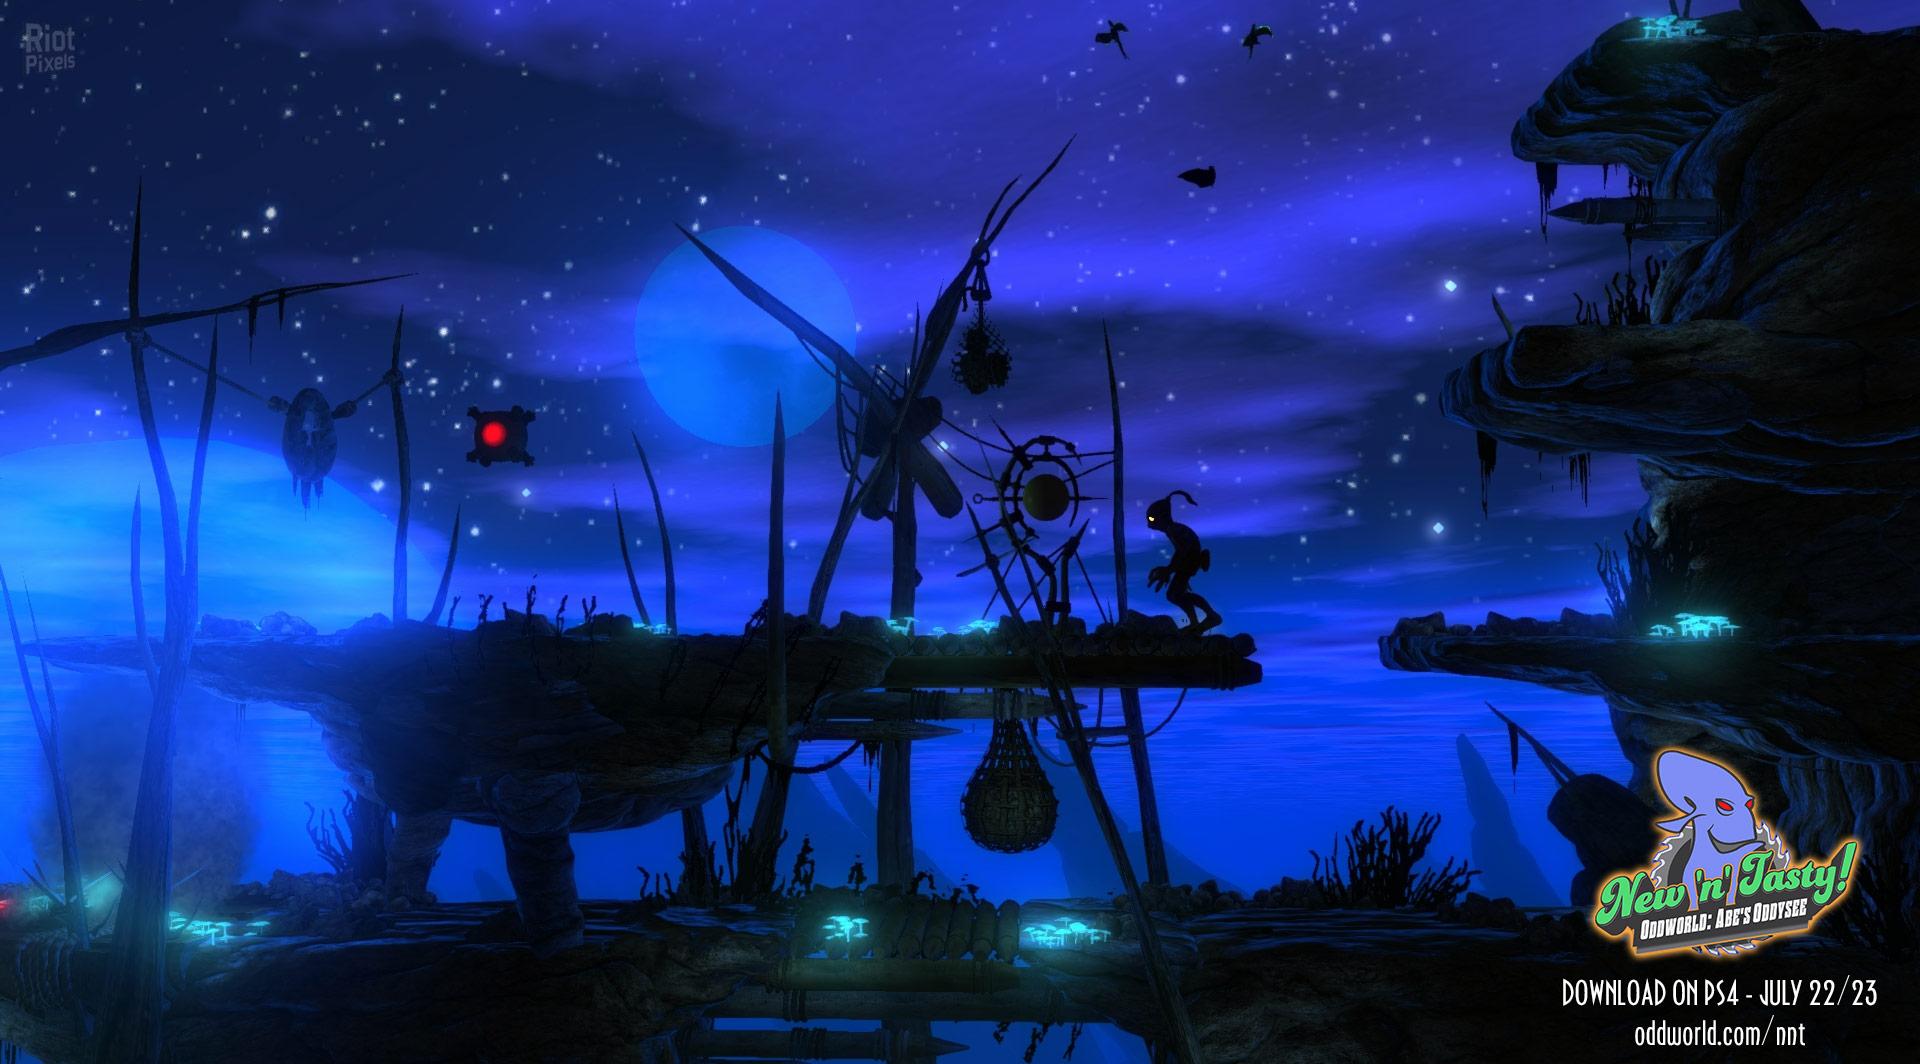 Oddworld: Abe's Oddysee - скачать бесплатно торрент